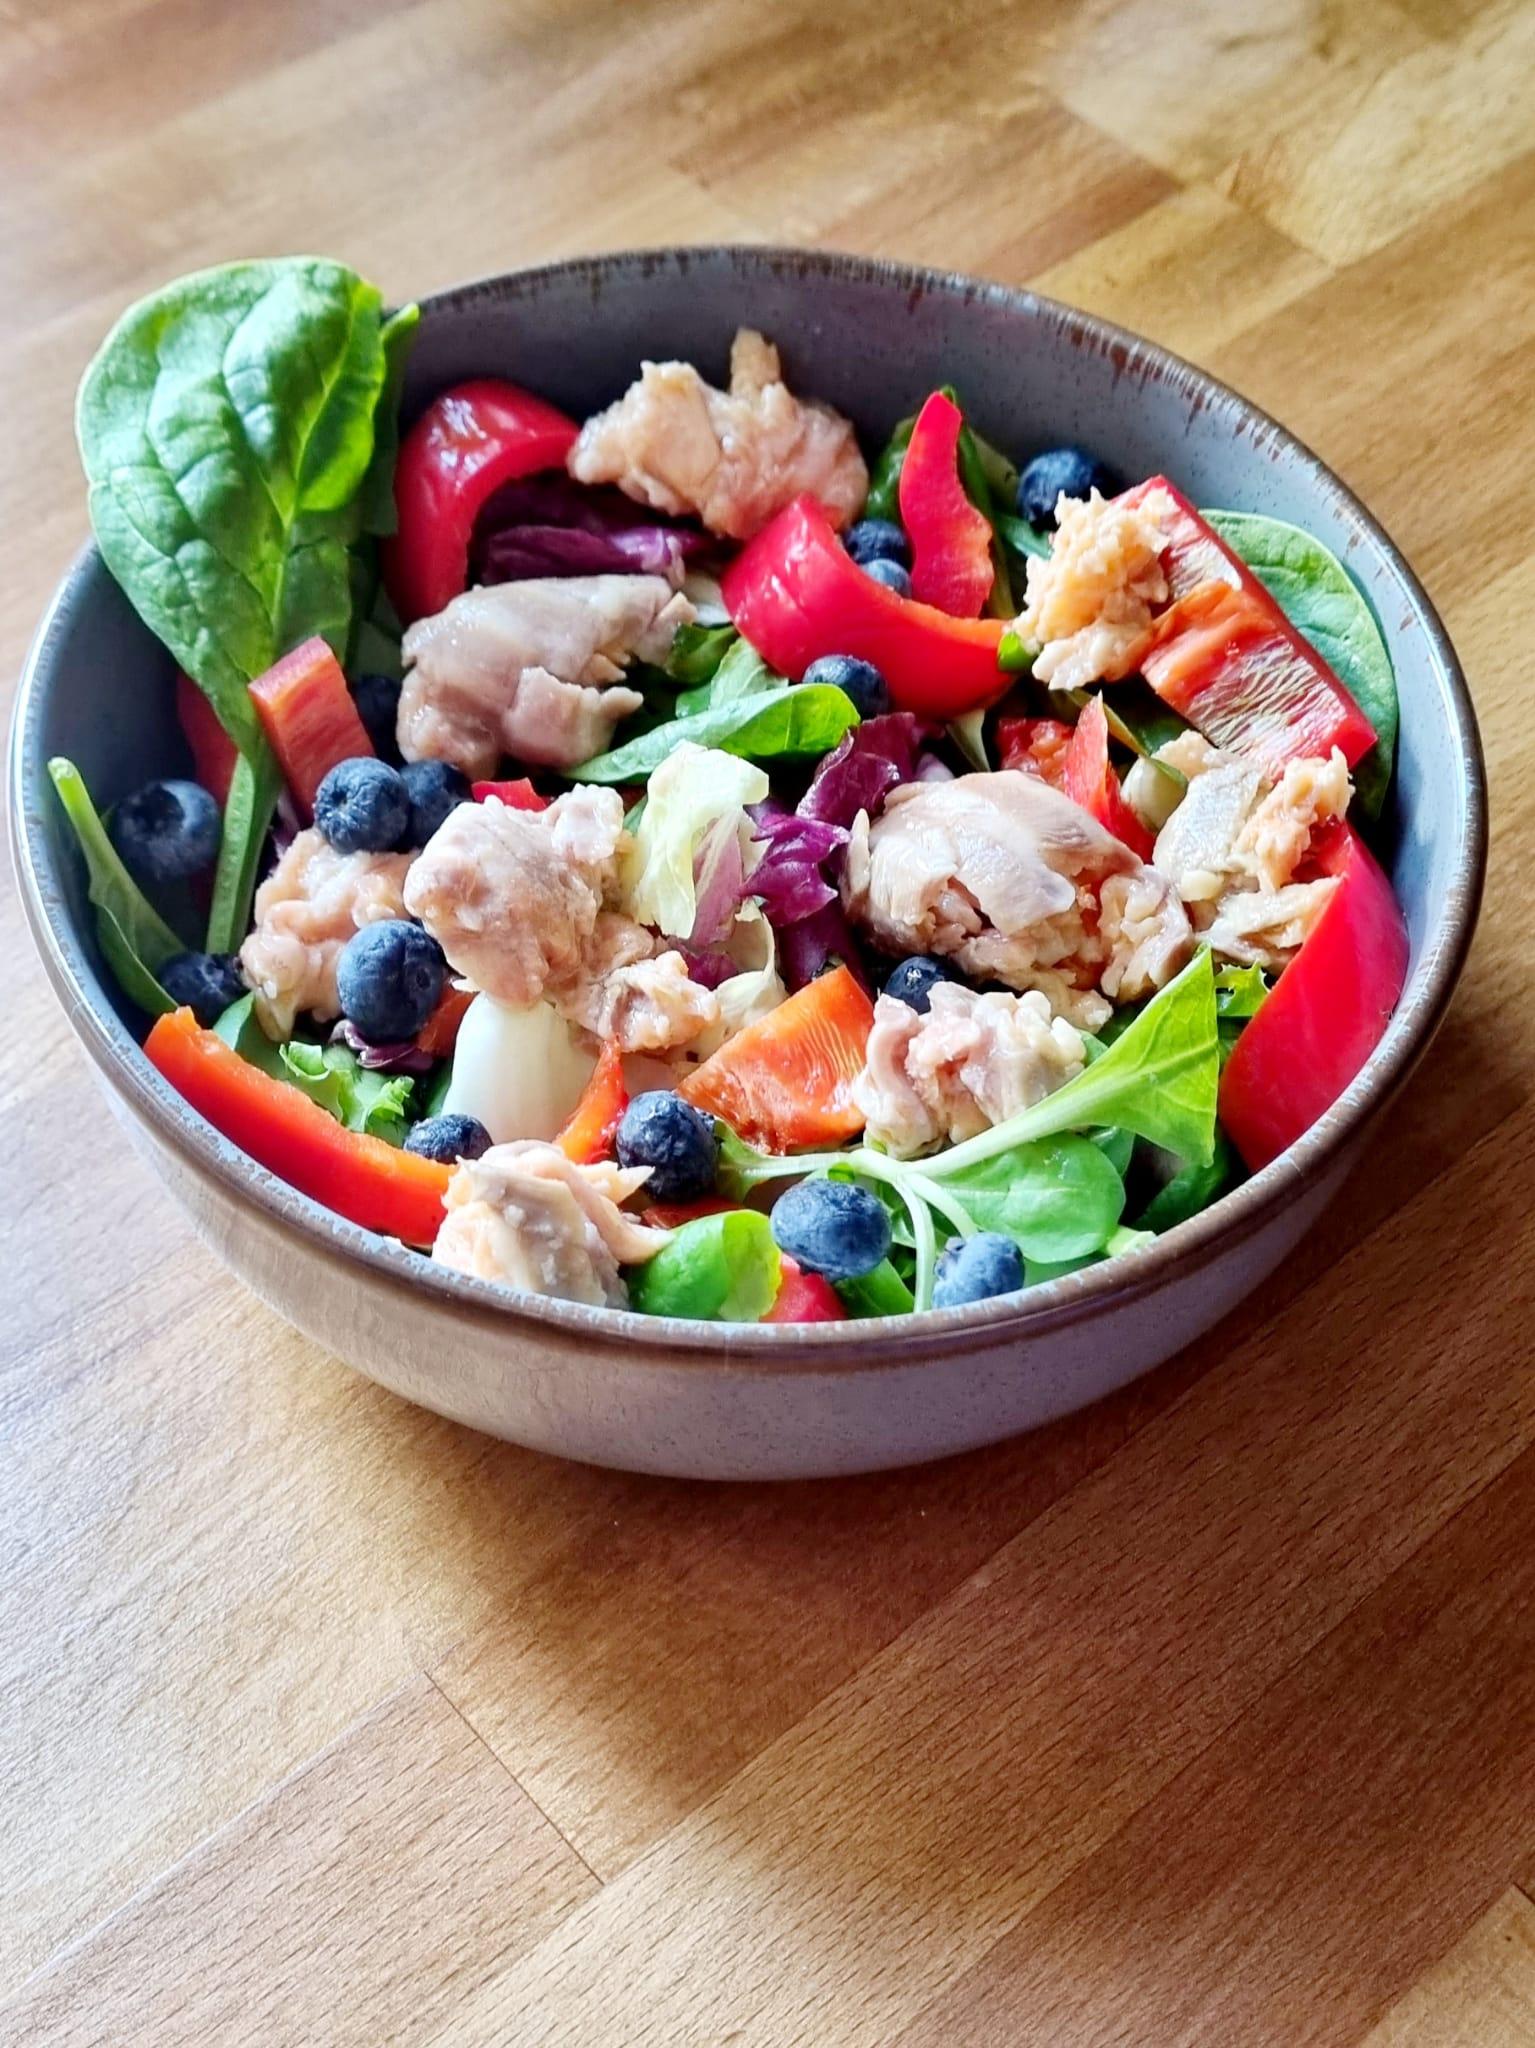 Cină sănătoasă- salată de ton